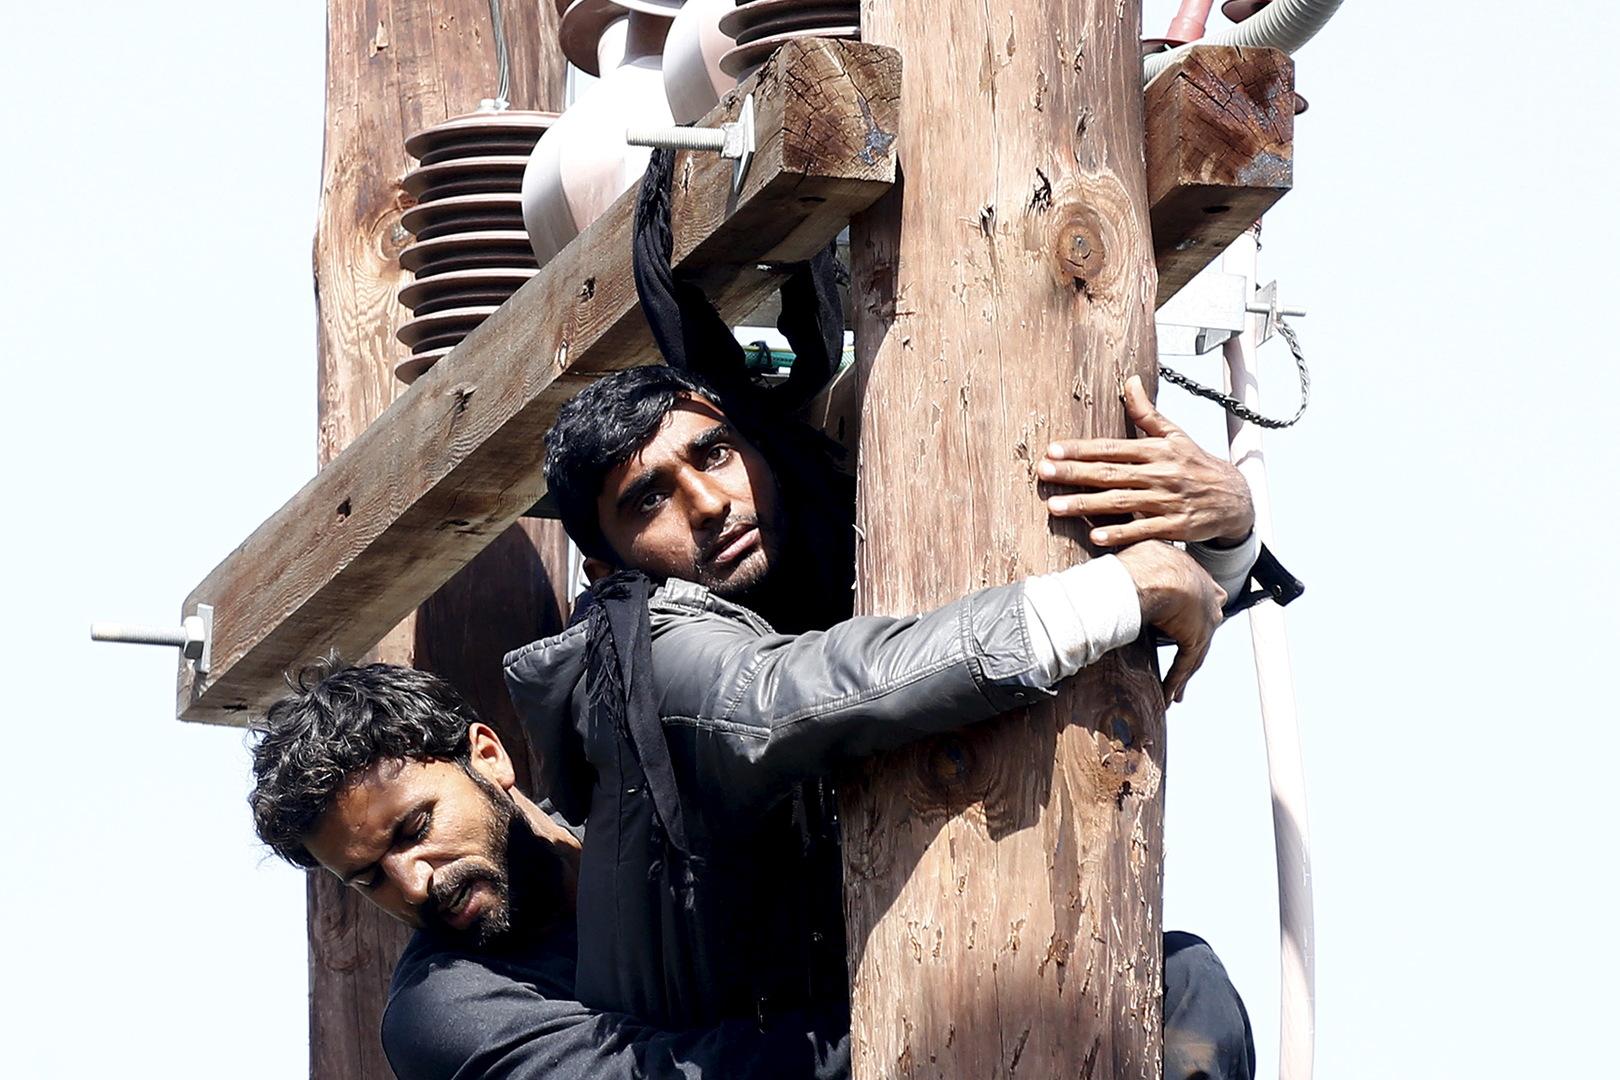 Ein pakistanischer Migrant (Front) droht, sich an einem Strommast zu erhängen, während ein anderer versucht, ihn während einer Demonstration im Registrierungszentrum von Moria auf der griechischen Insel Lesbos am 6. April 2016 festzuhalten.